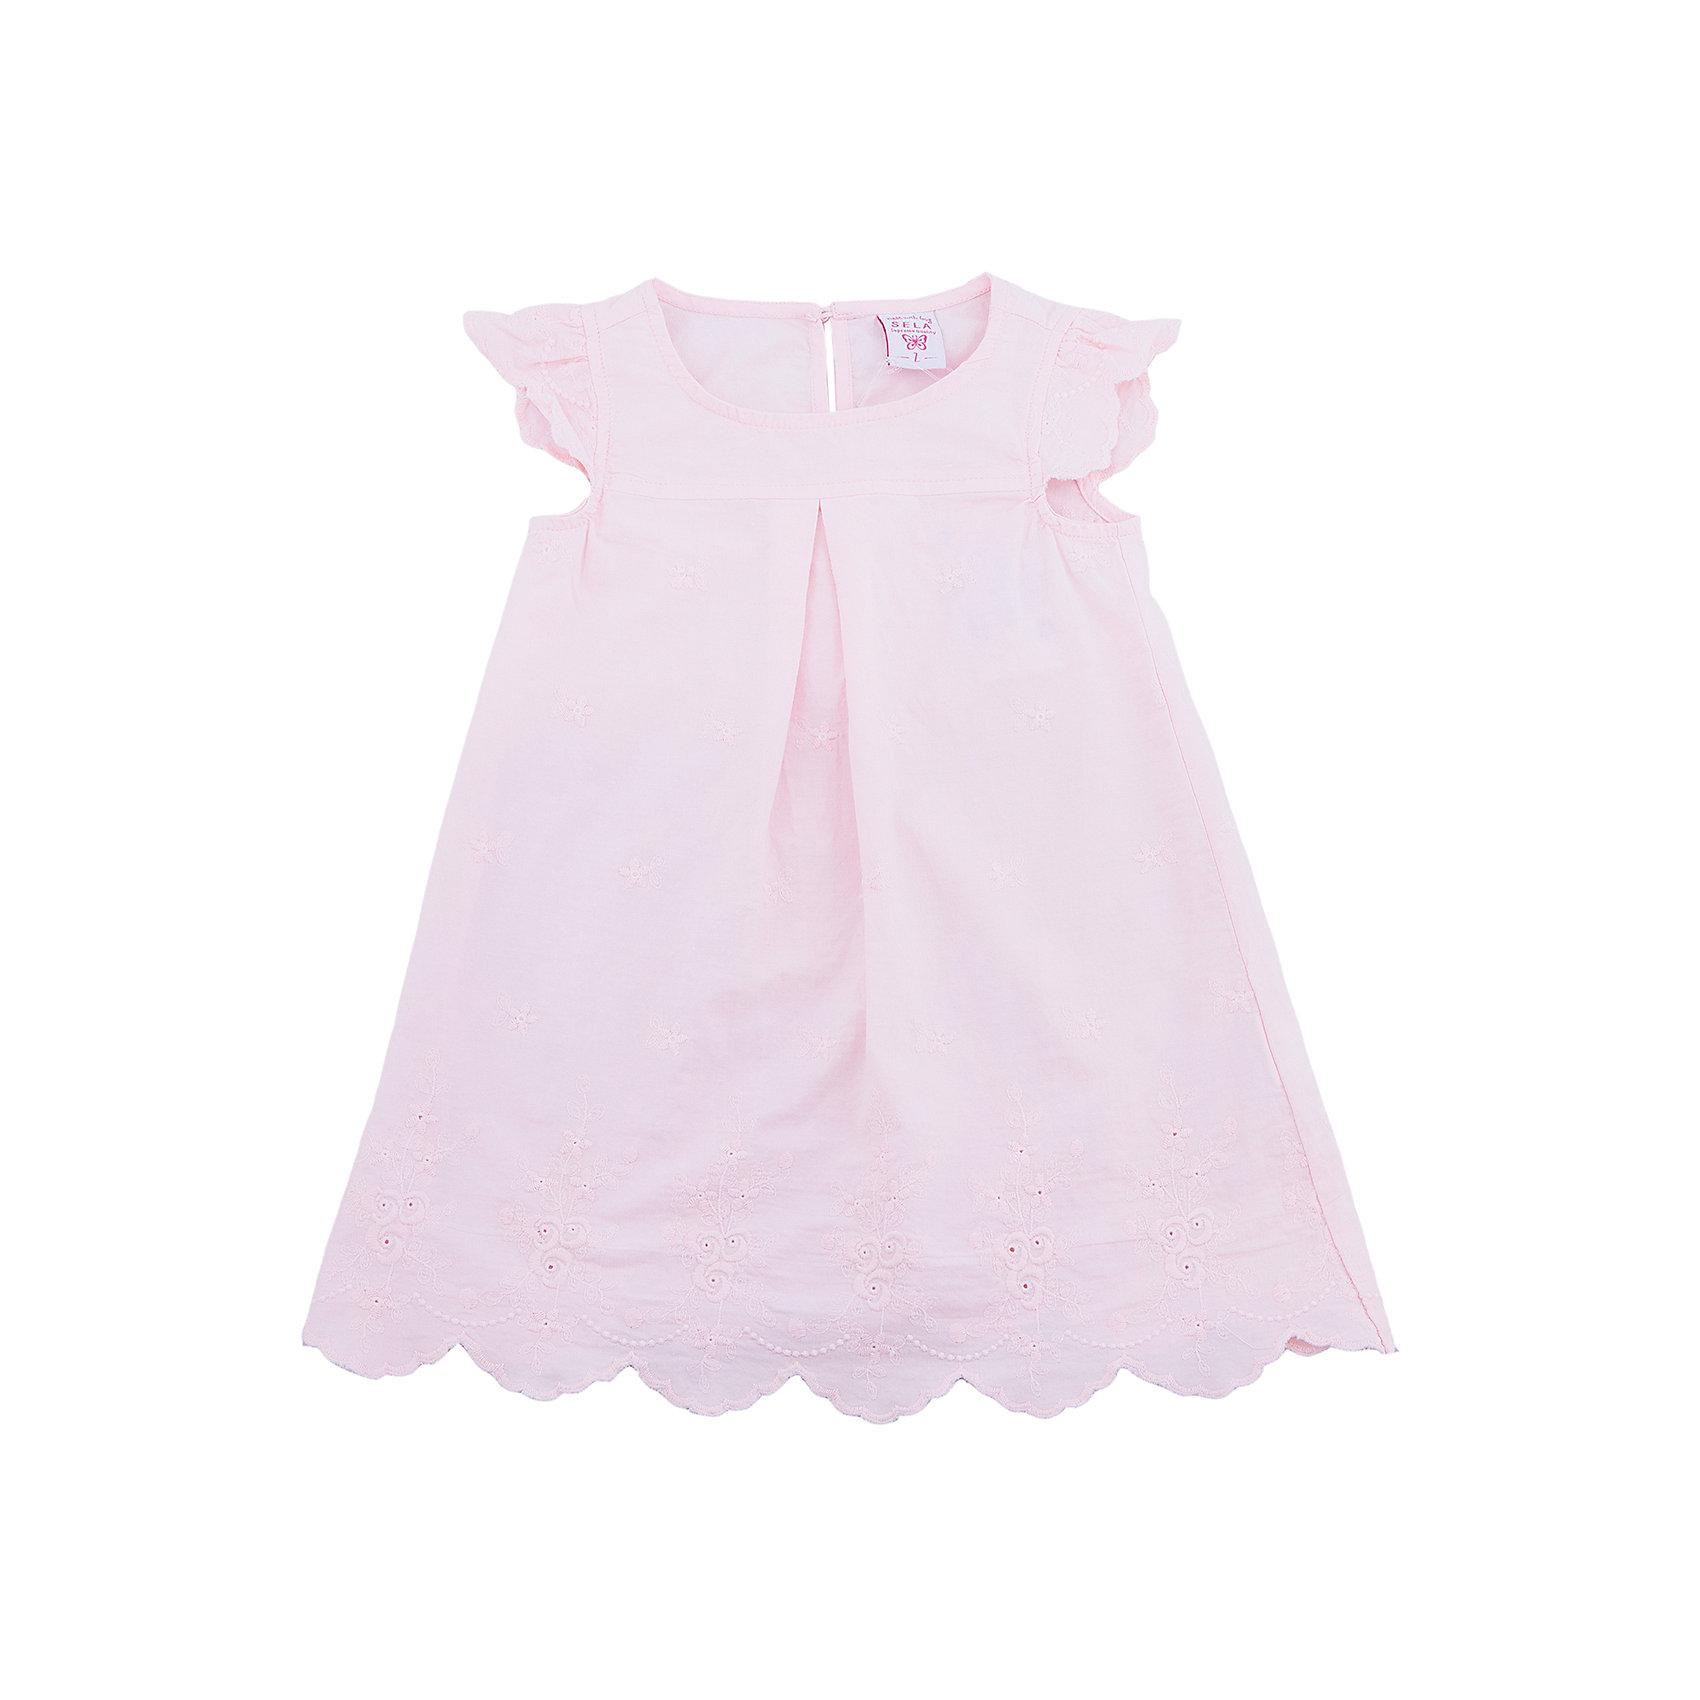 Платье для девочки SELAПлатья и сарафаны<br>Характеристики товара:<br><br>• цвет: лиловый<br>• состав: 100% хлопок<br>• ажурная отделка<br>• сезон: лето<br>• длина выше колена<br>• корткие рукава<br>• страна бренда: Россия<br><br>Платье для девочки поможет разнообразить гардероб ребенка и обеспечить комфорт.  Оно отлично сочетается с босоножками, сандалями или туфельками. Стильная и удобная вещь!<br><br>Одежда, обувь и аксессуары от российского бренда SELA не зря пользуются большой популярностью у детей и взрослых!<br><br>Платье для девочки от популярного бренда SELA (СЕЛА) можно купить в нашем интернет-магазине.<br><br>Платье для девочки от популярного бренда SELA (СЕЛА) можно купить в нашем интернет-магазине.<br><br>Ширина мм: 236<br>Глубина мм: 16<br>Высота мм: 184<br>Вес г: 177<br>Цвет: розовый<br>Возраст от месяцев: 60<br>Возраст до месяцев: 72<br>Пол: Женский<br>Возраст: Детский<br>Размер: 116,92,98,104,110<br>SKU: 5305467